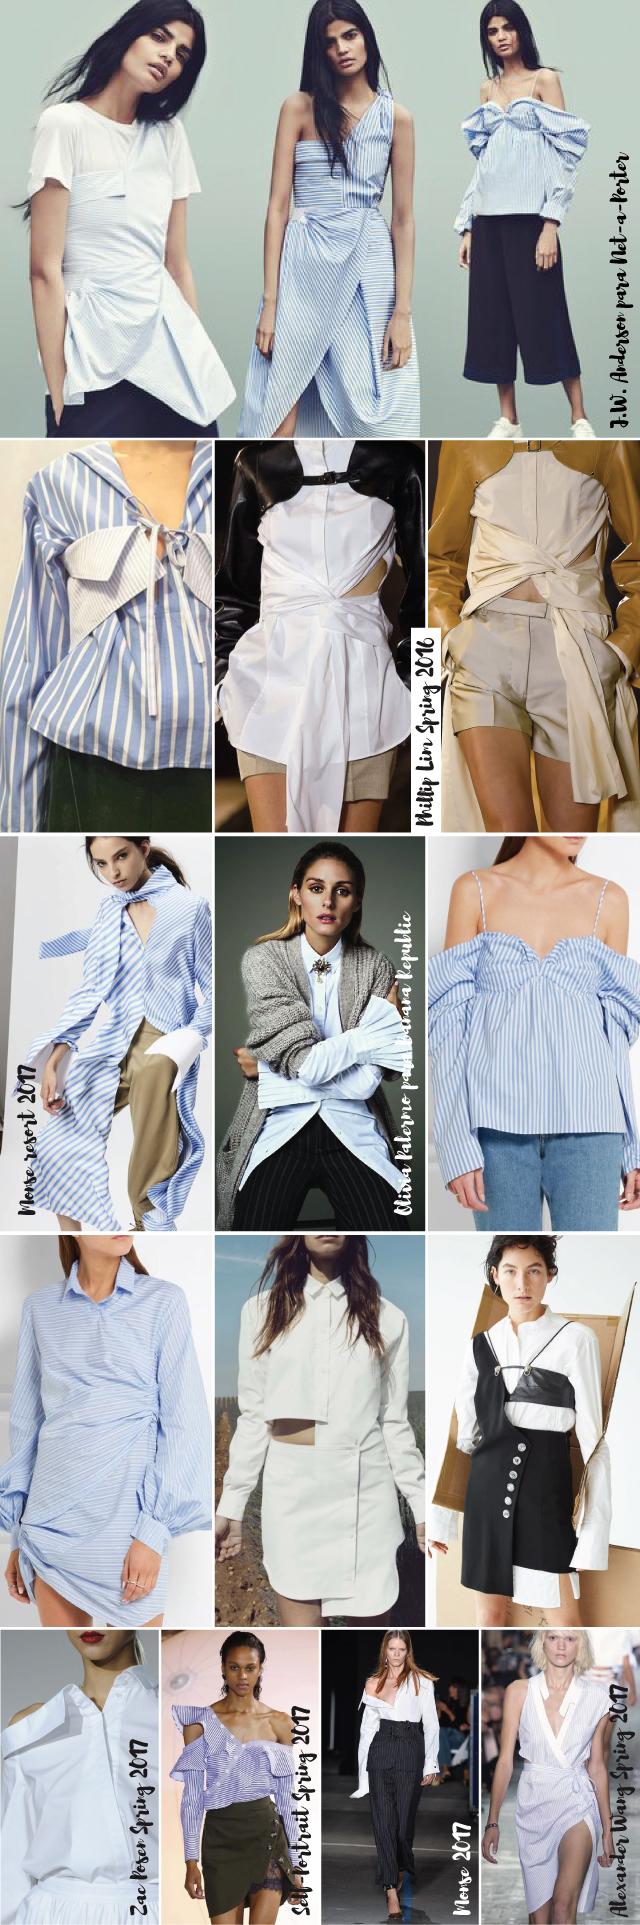 alfaiataria-tendencia-moda-estilo-blusa-desconstruida